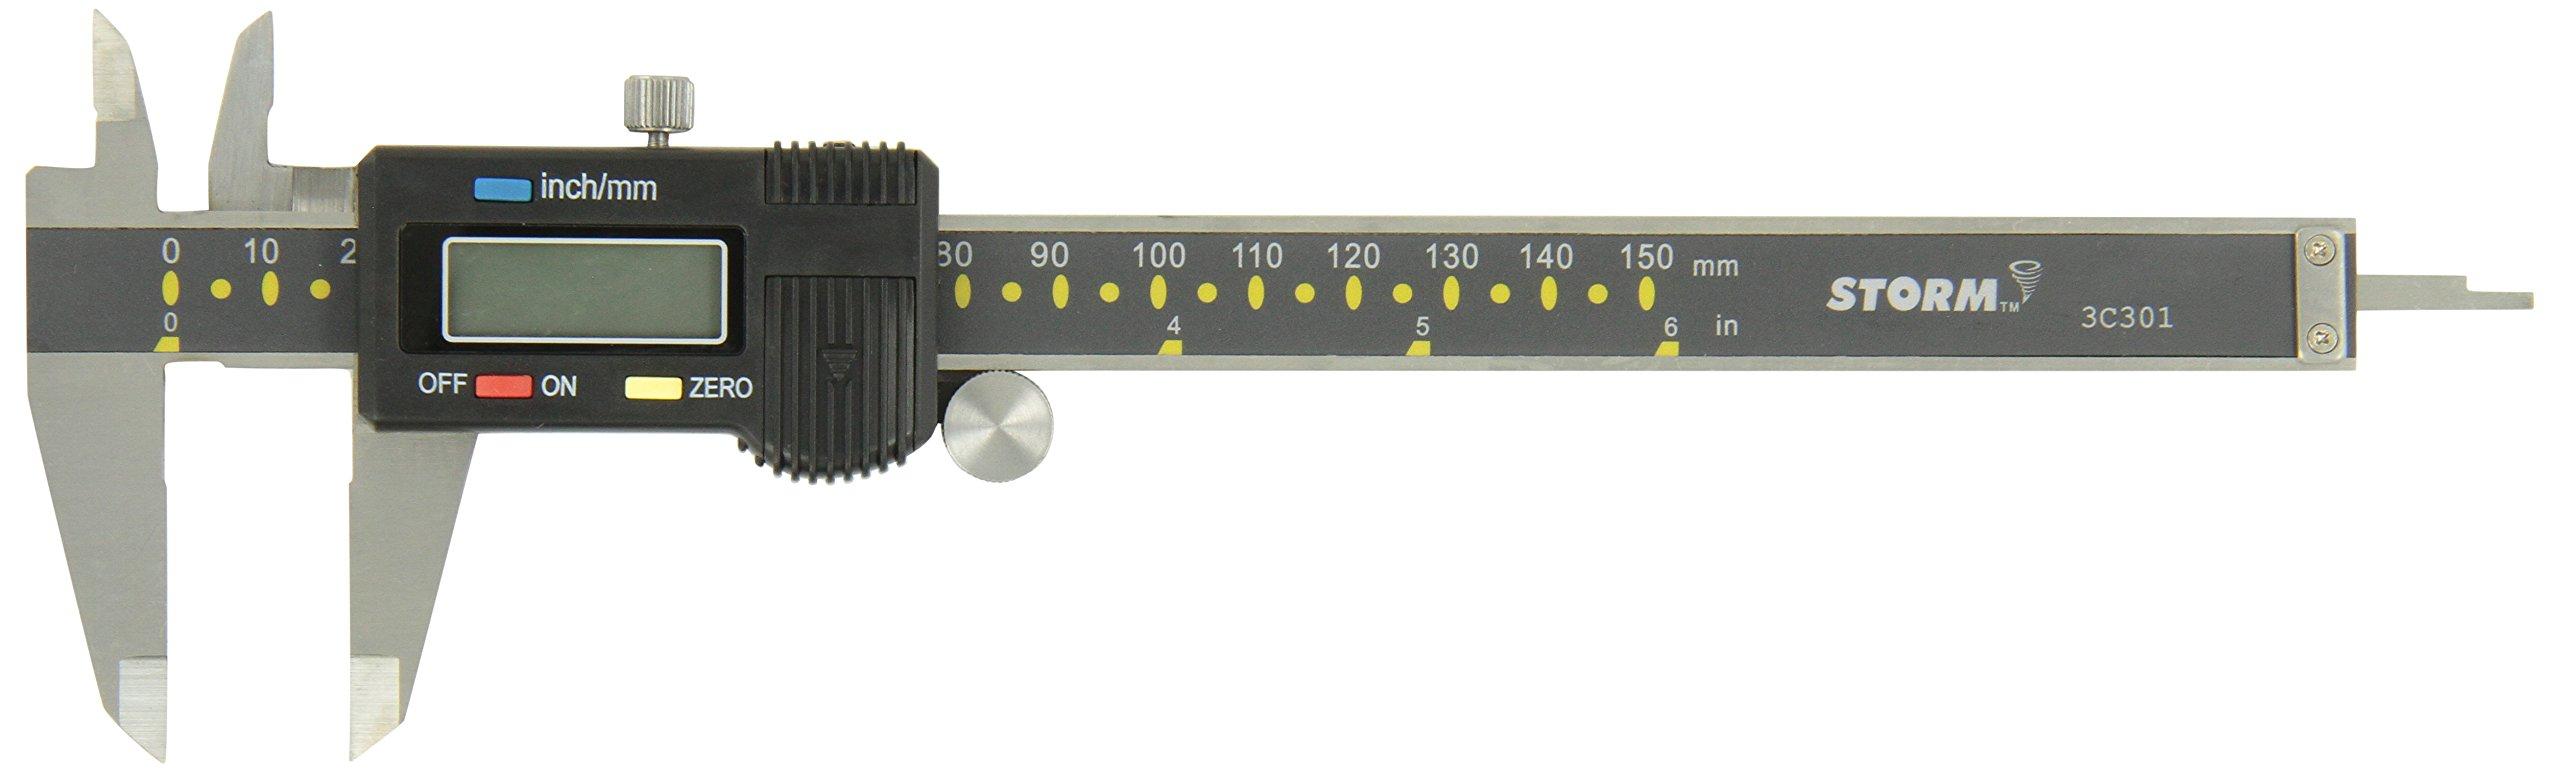 Central Tools 3C301 6'' Digital Caliper